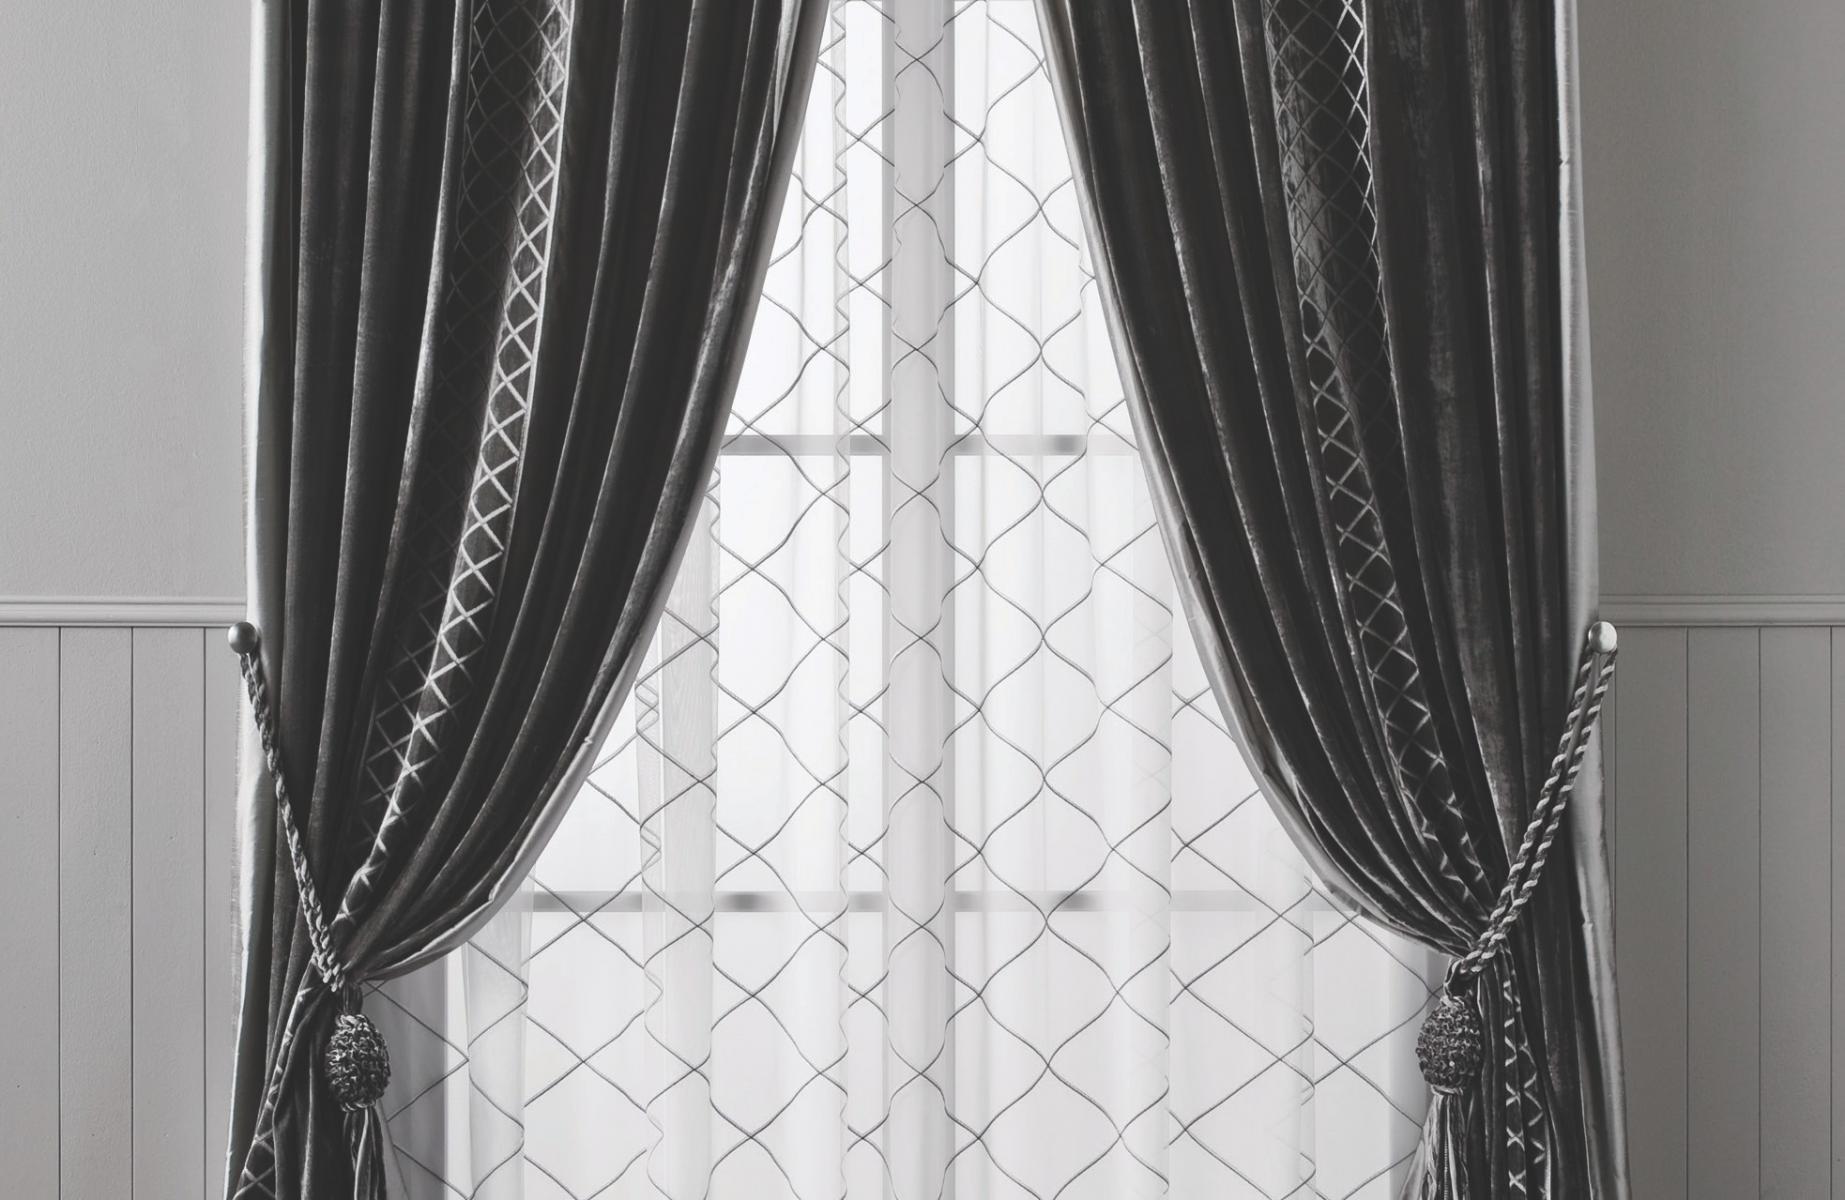 Текстиль в интерьере - новый взгляд на привычные вещи